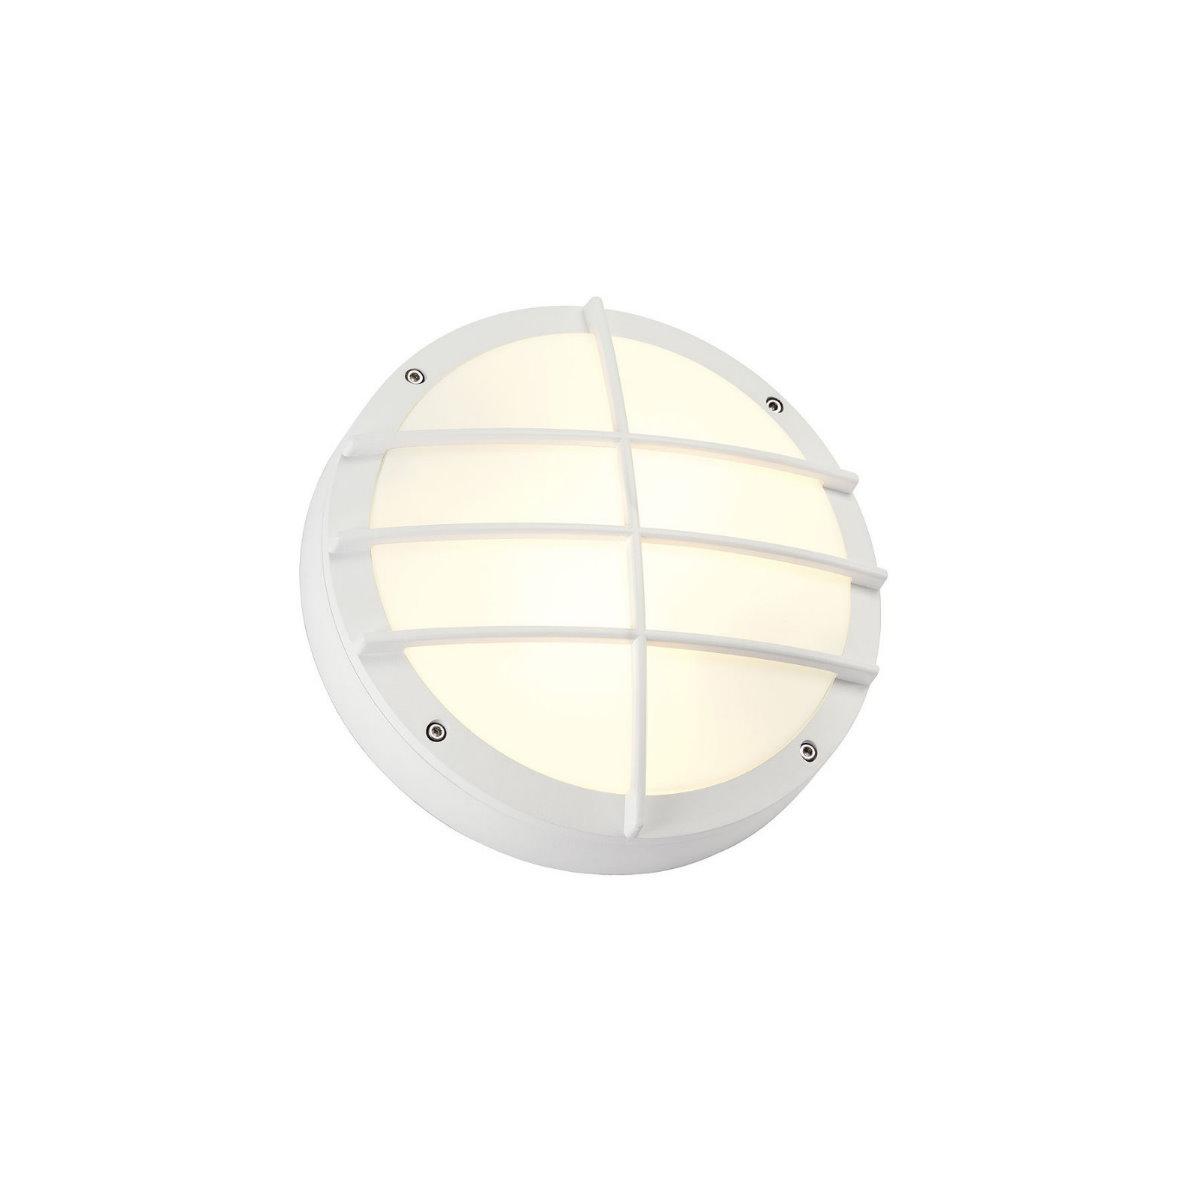 slv aussenleuchte aussen leuchte lampe wandleuchte wandlampe deckenleuchte decke ebay. Black Bedroom Furniture Sets. Home Design Ideas